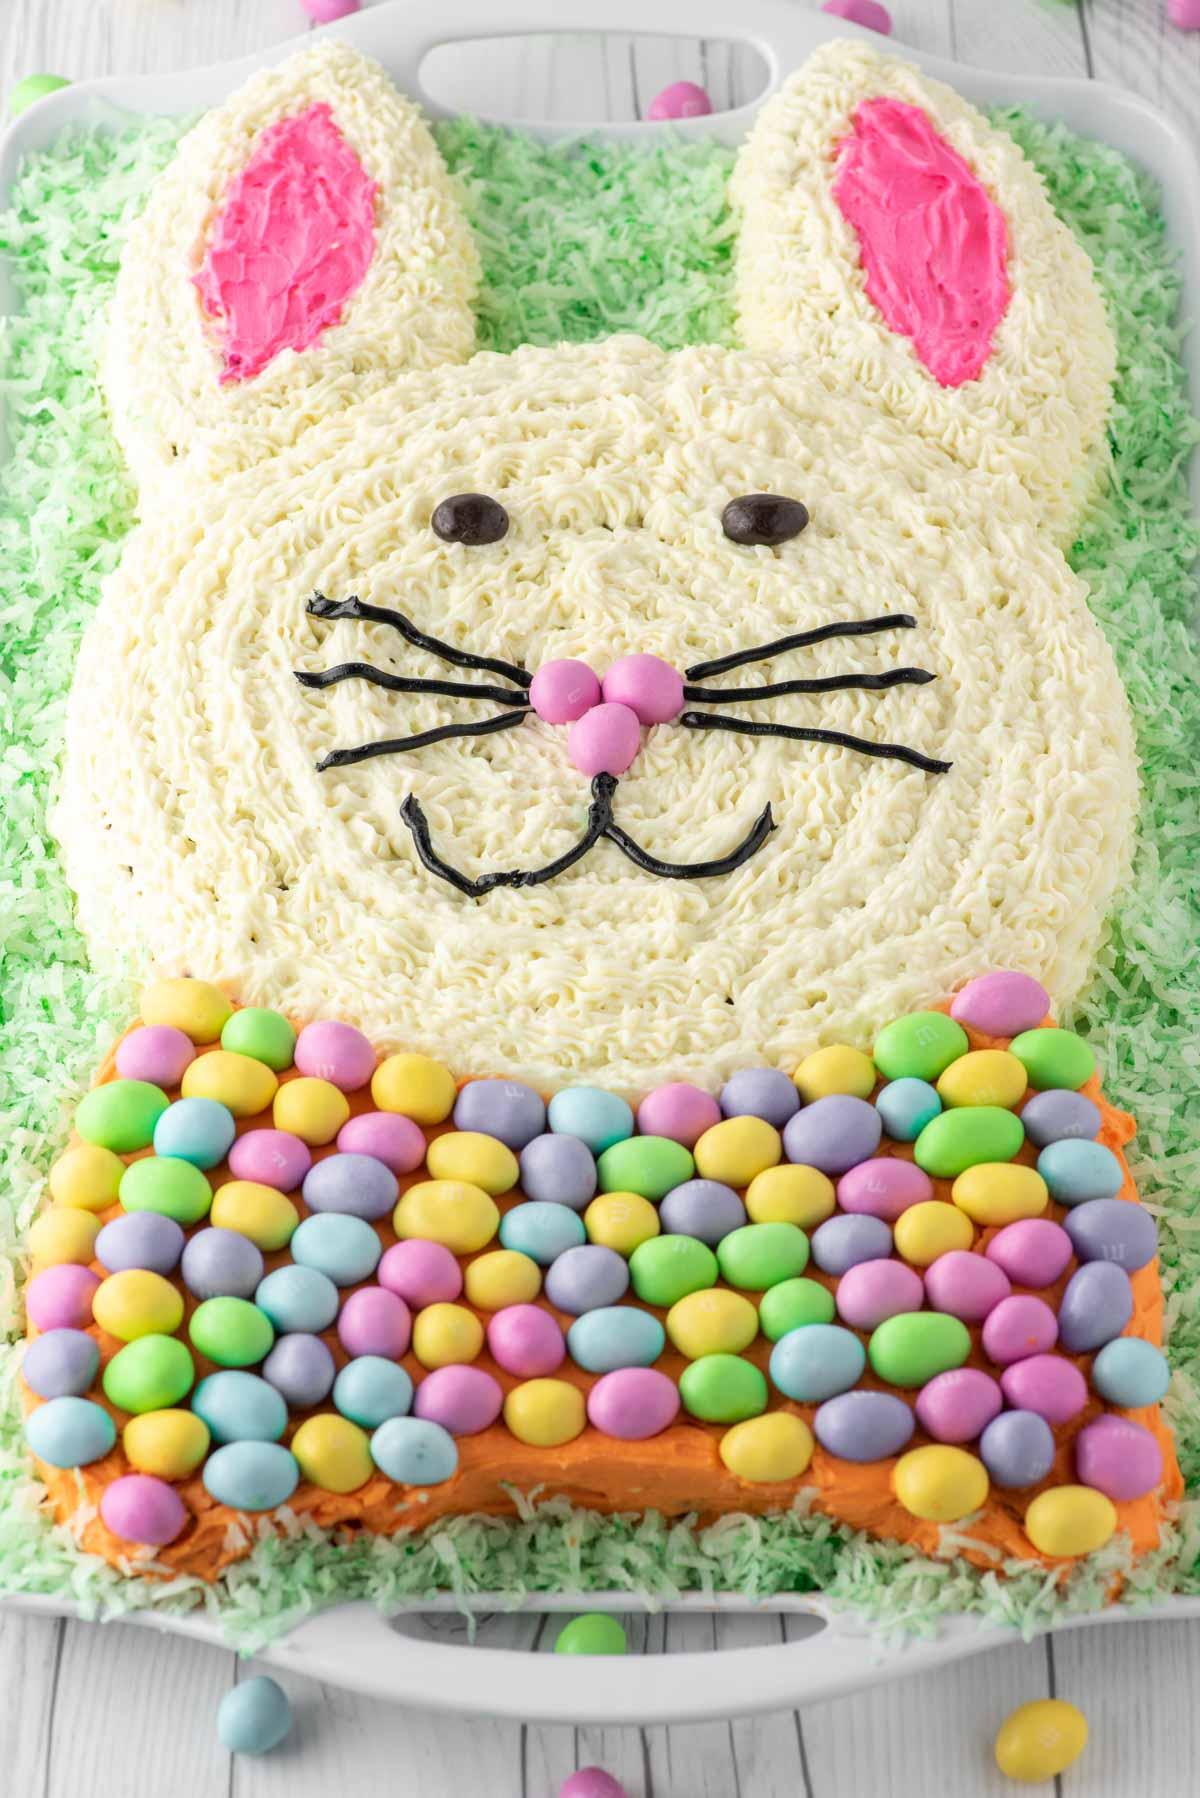 Easter bunny carrot cake on platter